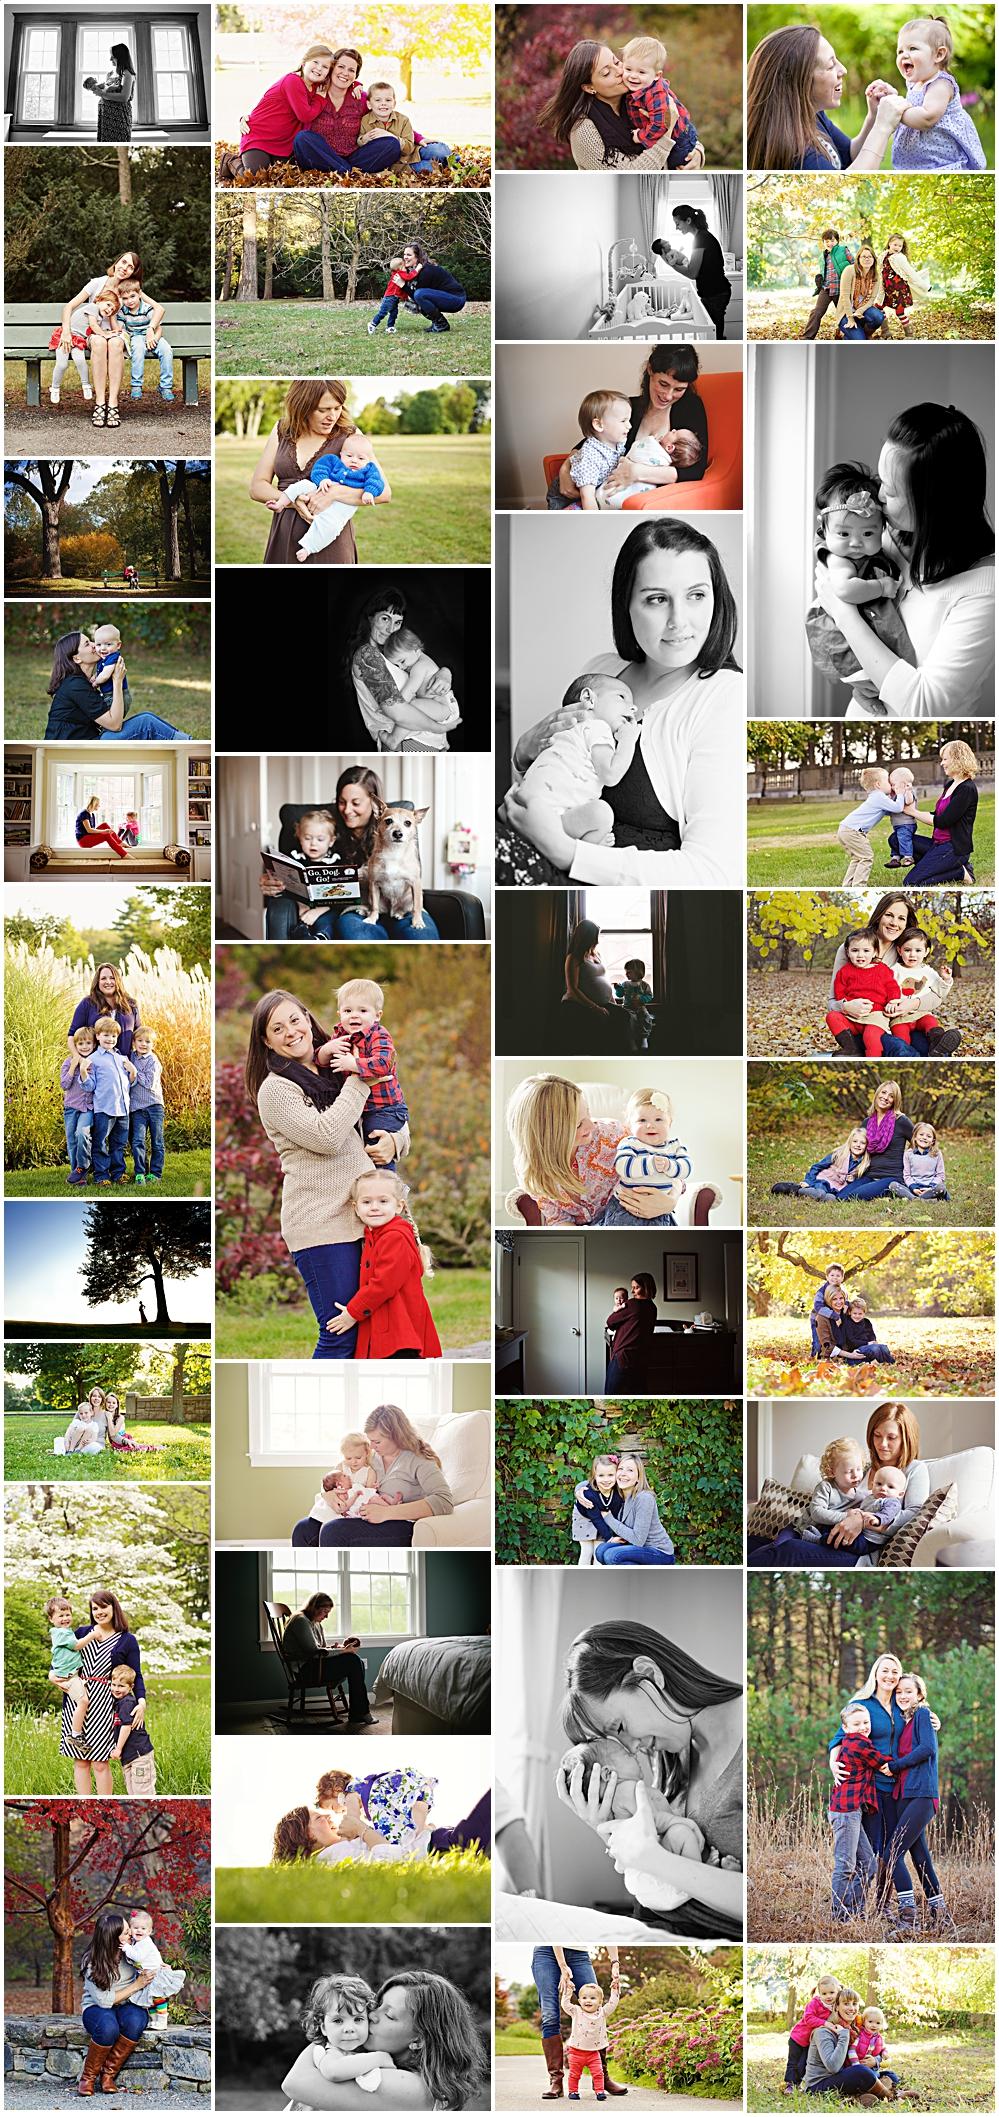 needham_family_photographer_1182